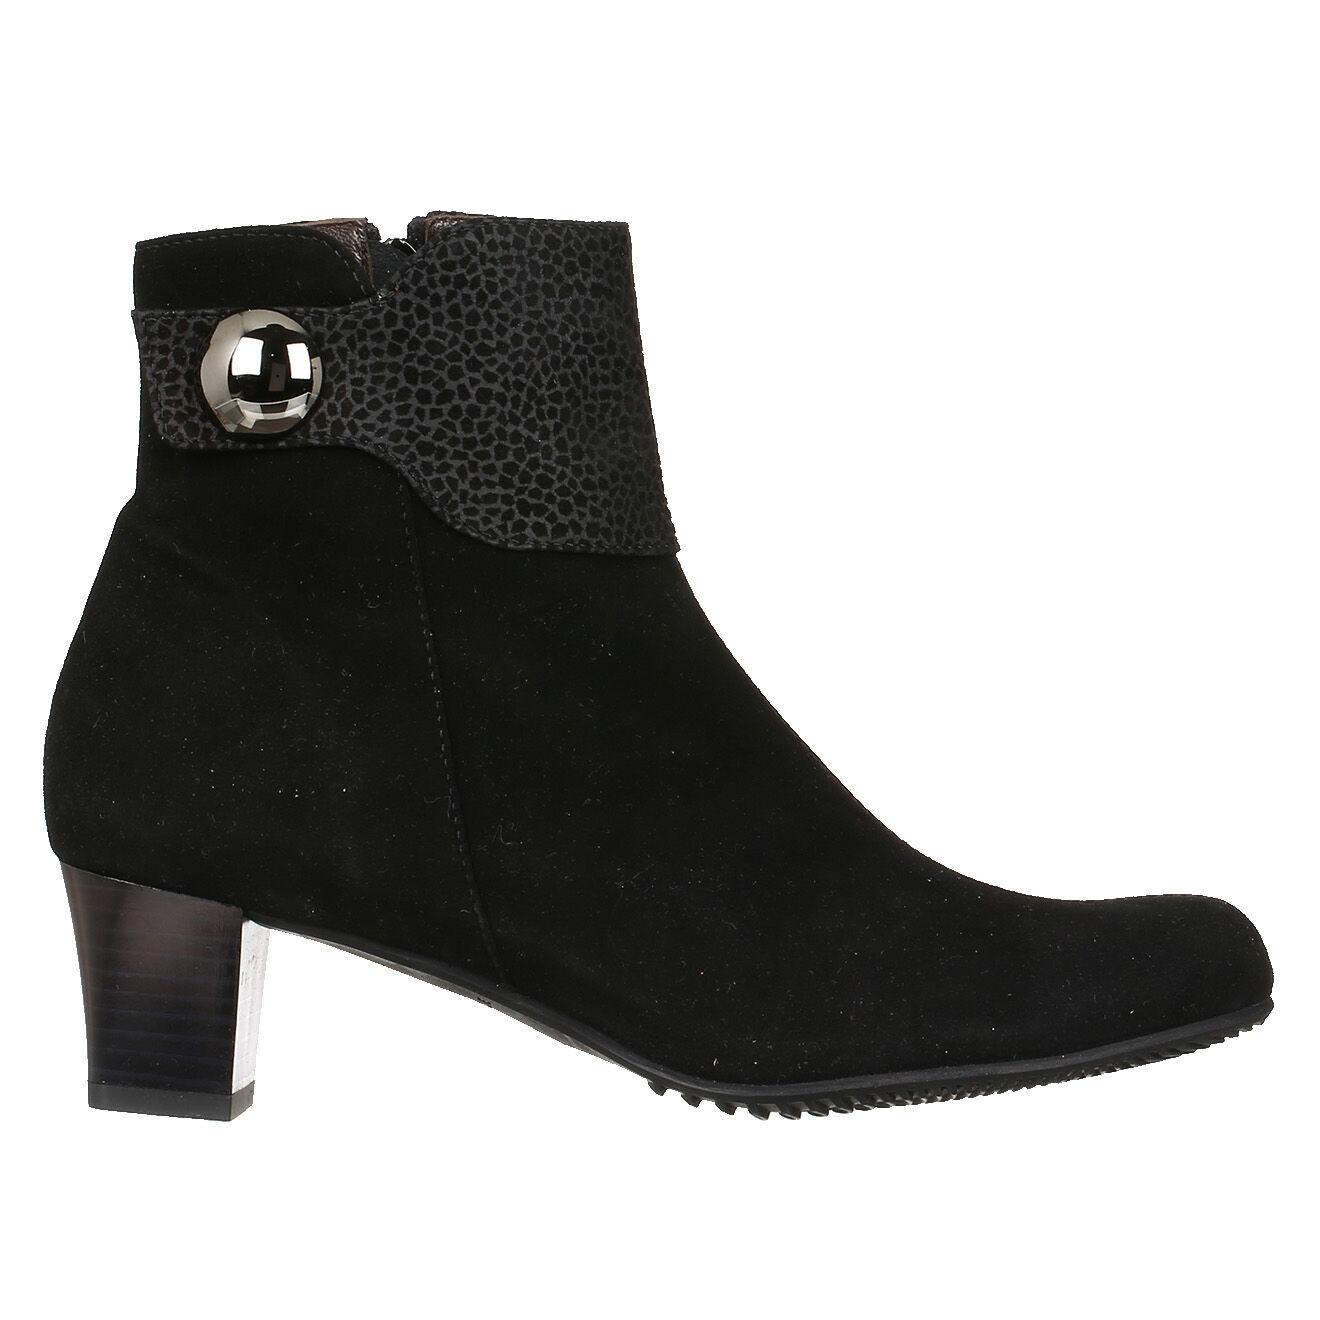 Boots en Velours de Cuir Roxane noires Talon 5cm - Brunate - Modalova